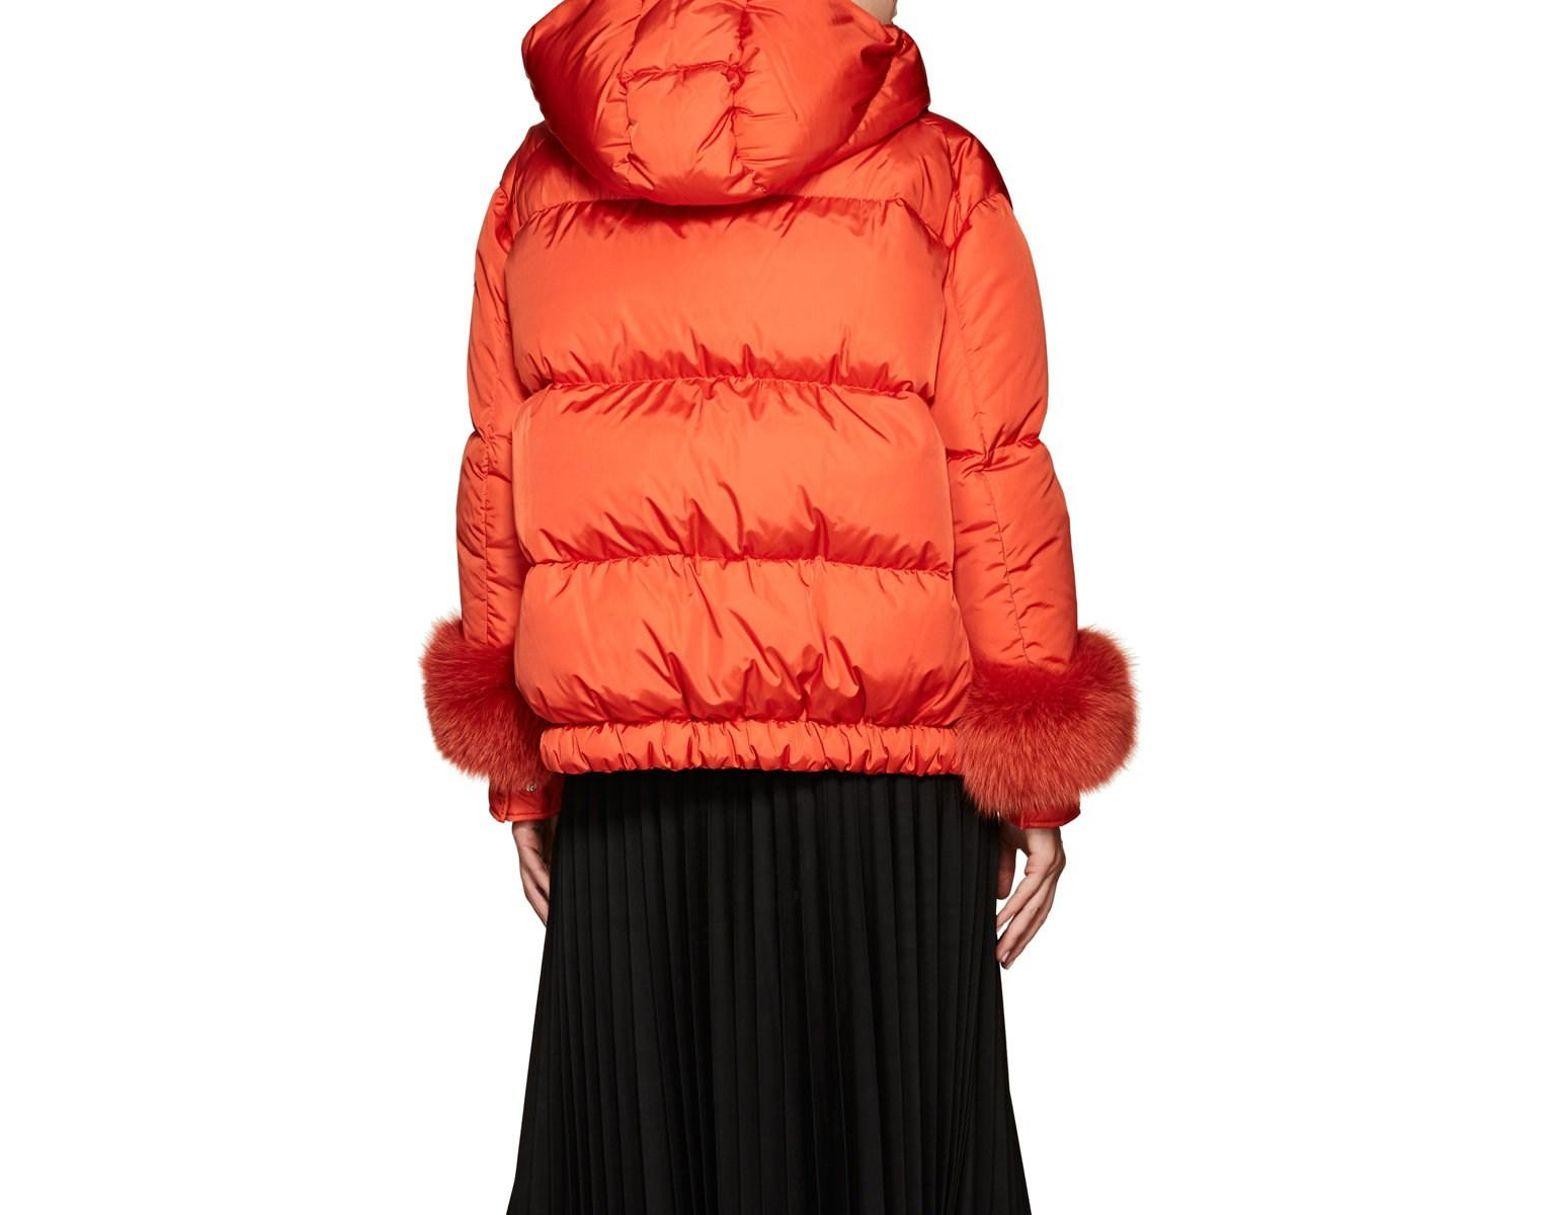 7490c4ff0 Women's Orange Effraie Fur-cuff Down-quilted Puffer Jacket